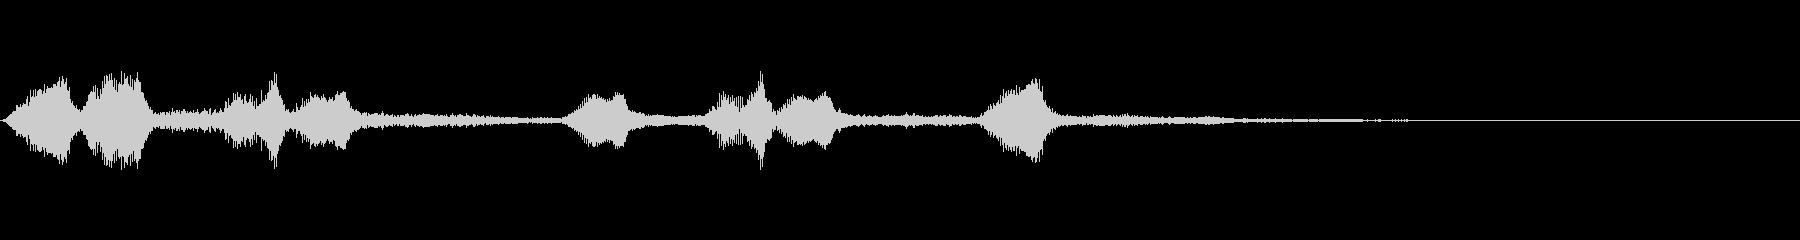 ファンファーレ/トランペット 28の未再生の波形